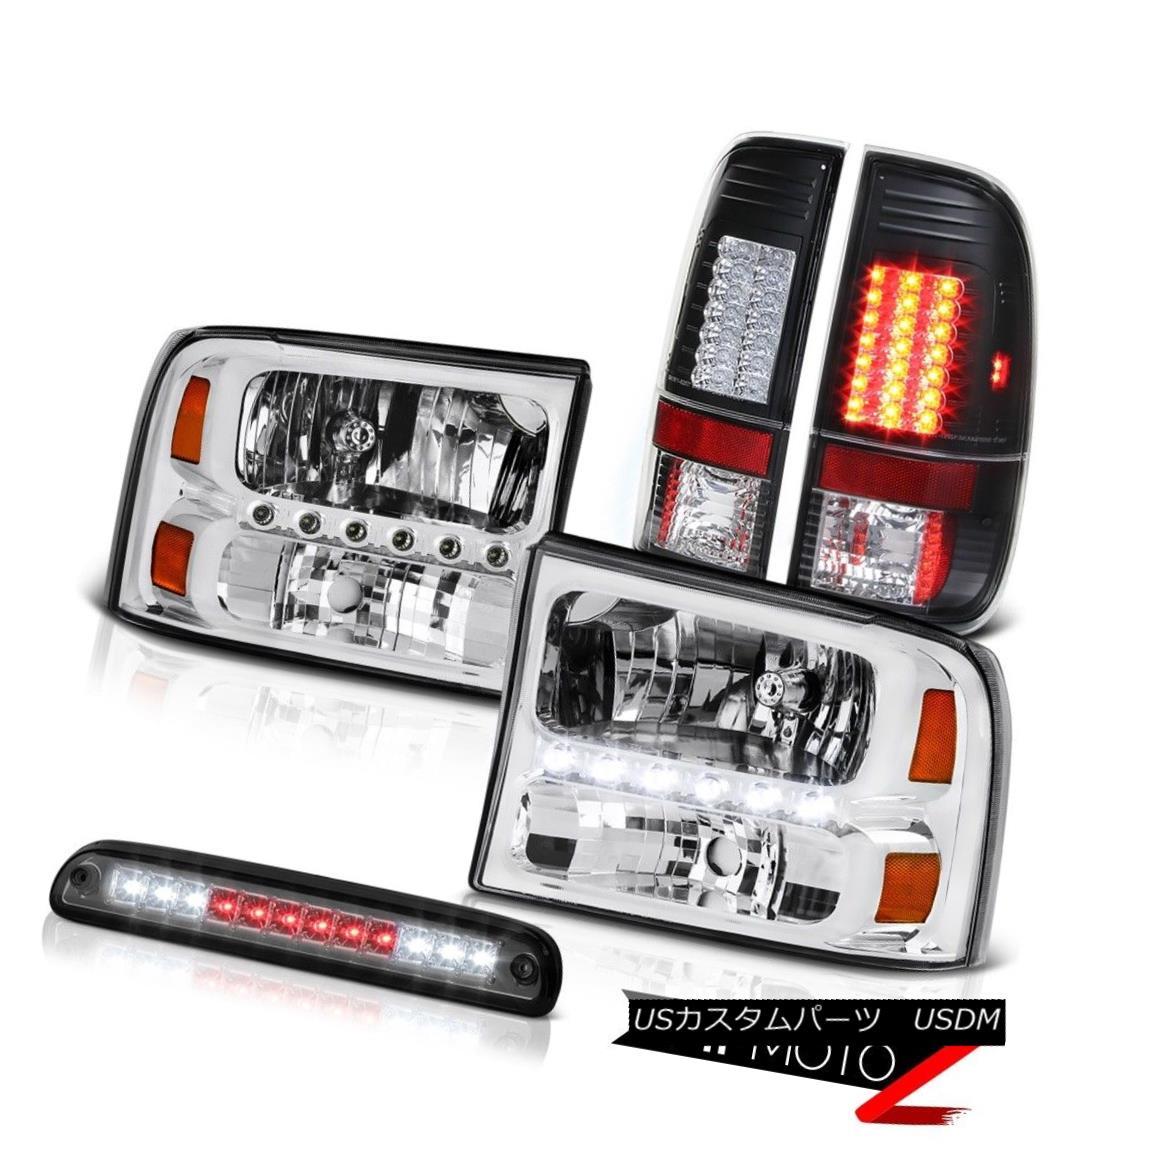 テールライト Chrome Headlights Roof Stop LED Black Tail Light 99 00 01 02 03 04 F250 Lariat クロームヘッドライトルーフストップLEDブラックテールライト99 00 01 02 03 04 F250ラリアート